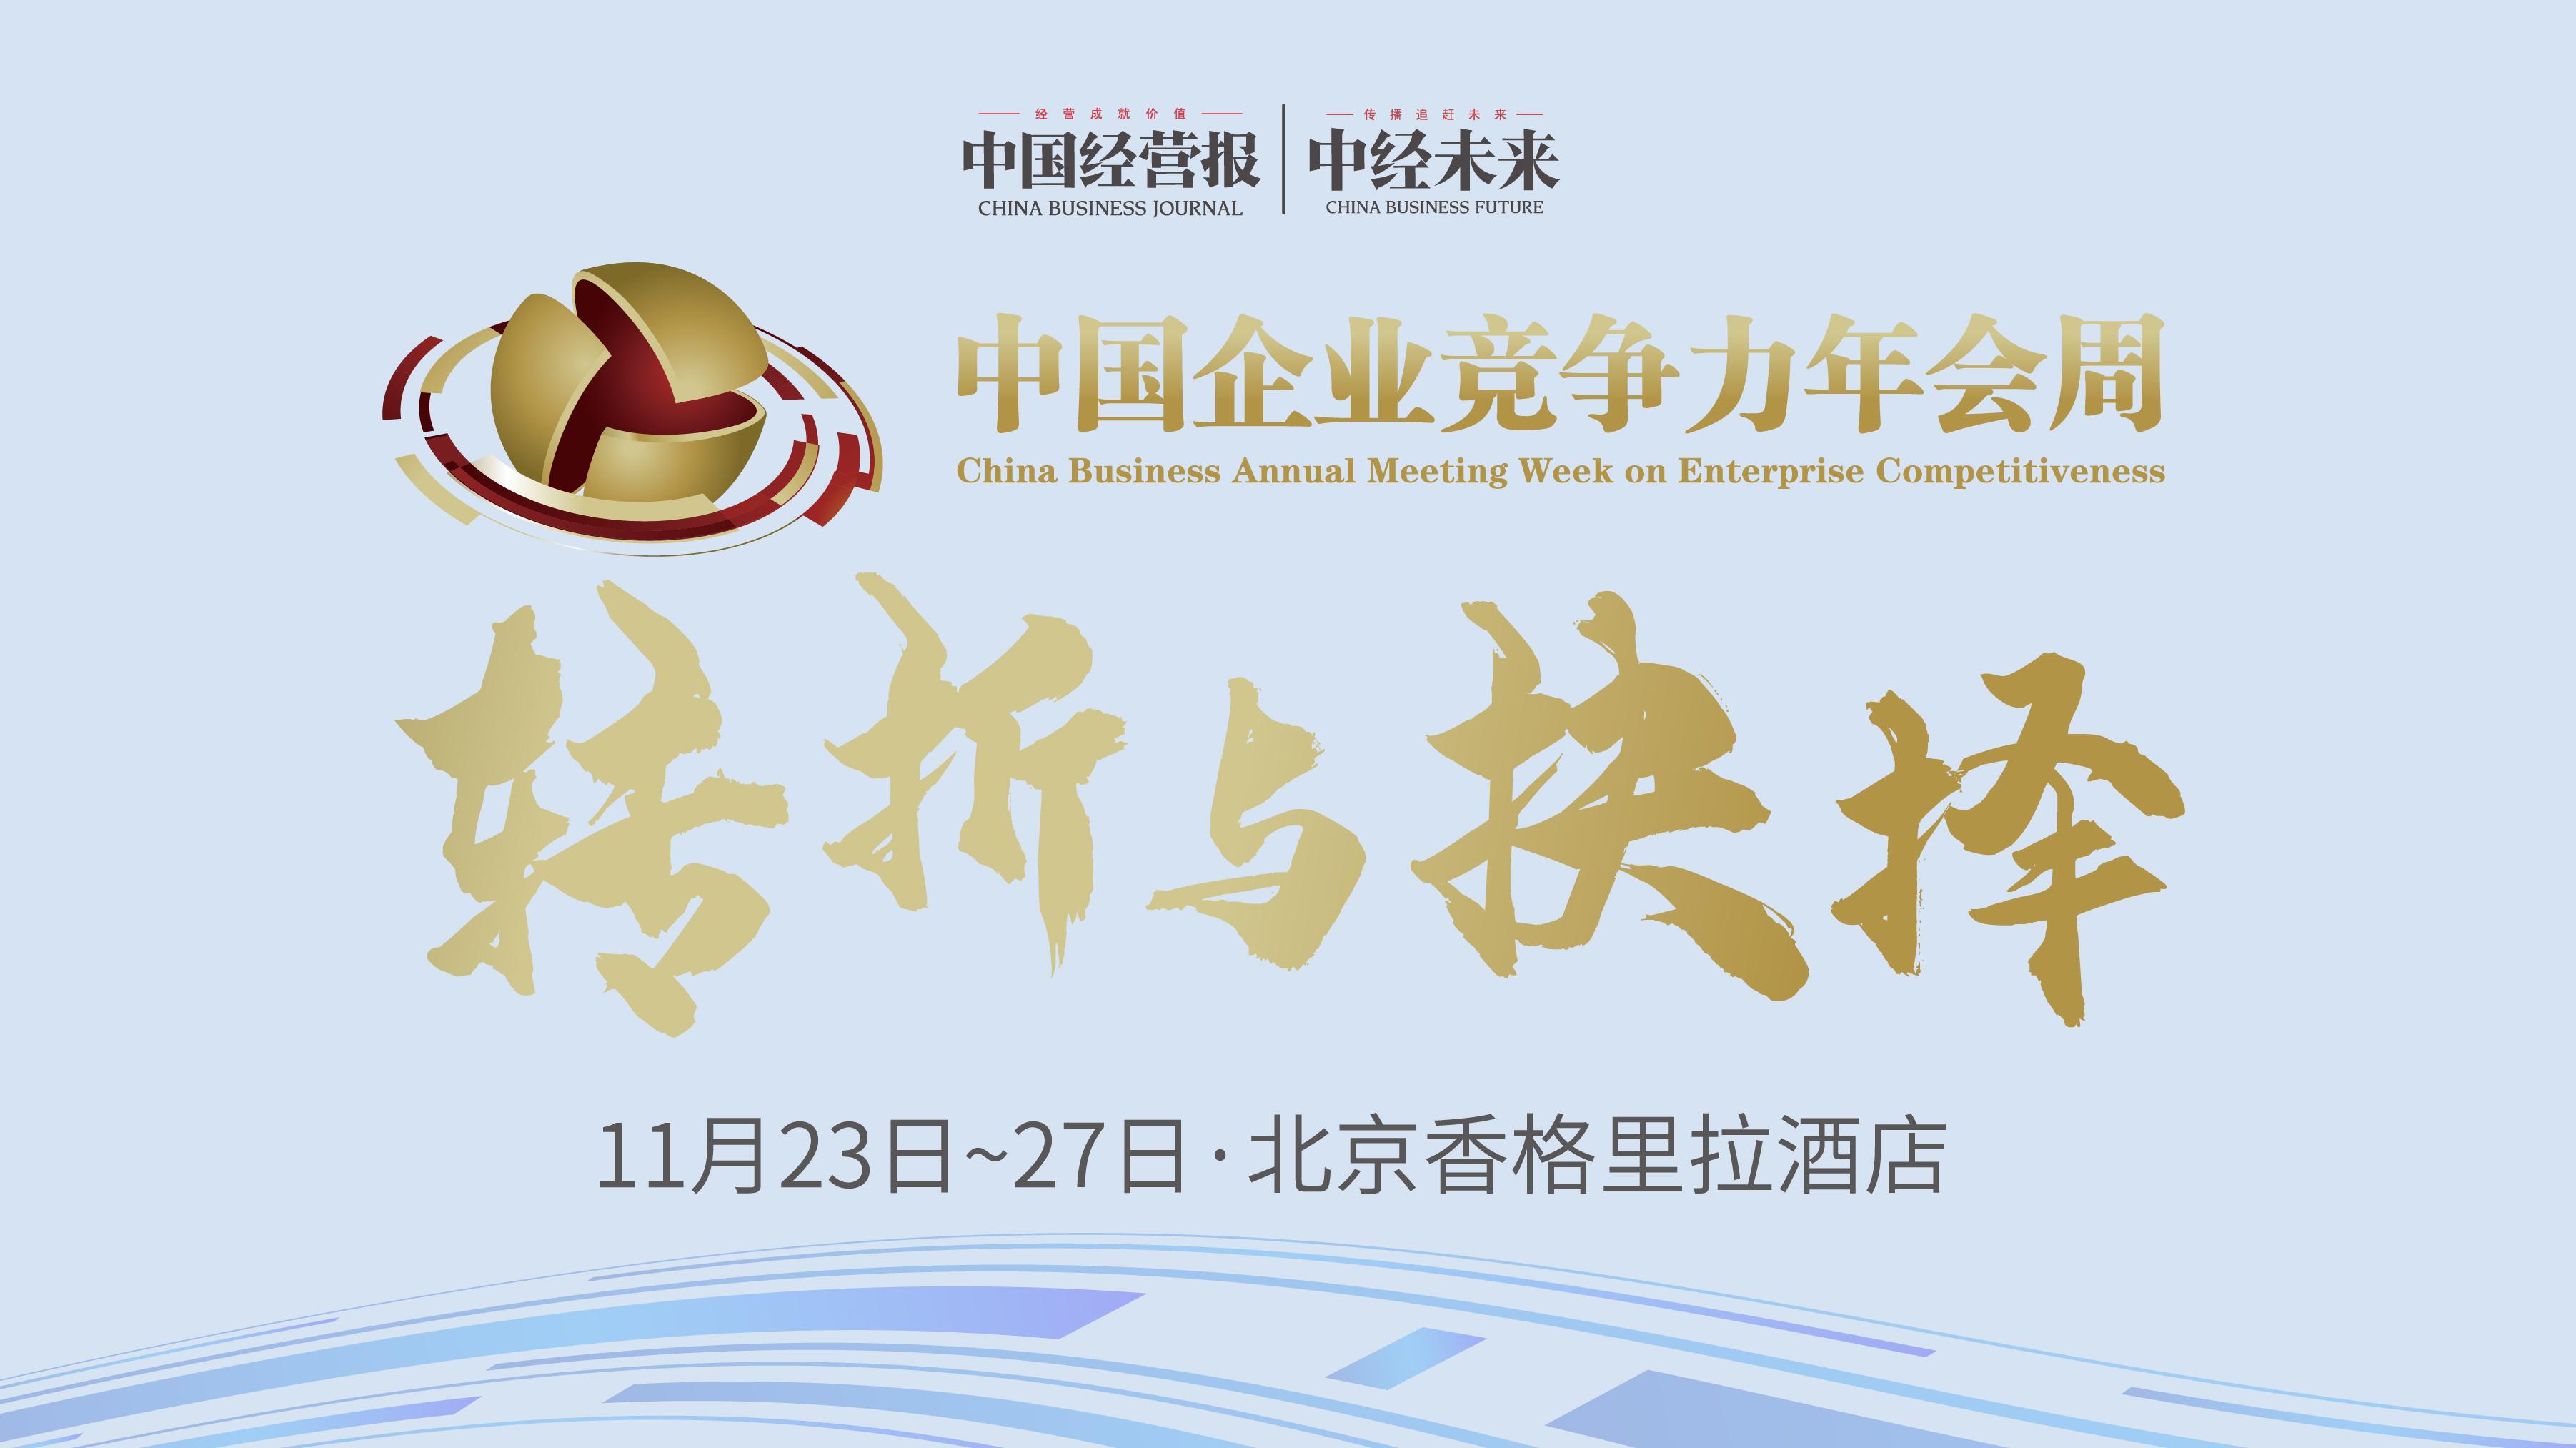 11月26日 2020年中國新消費高峰論壇:顏衛彬、王均豪等演講